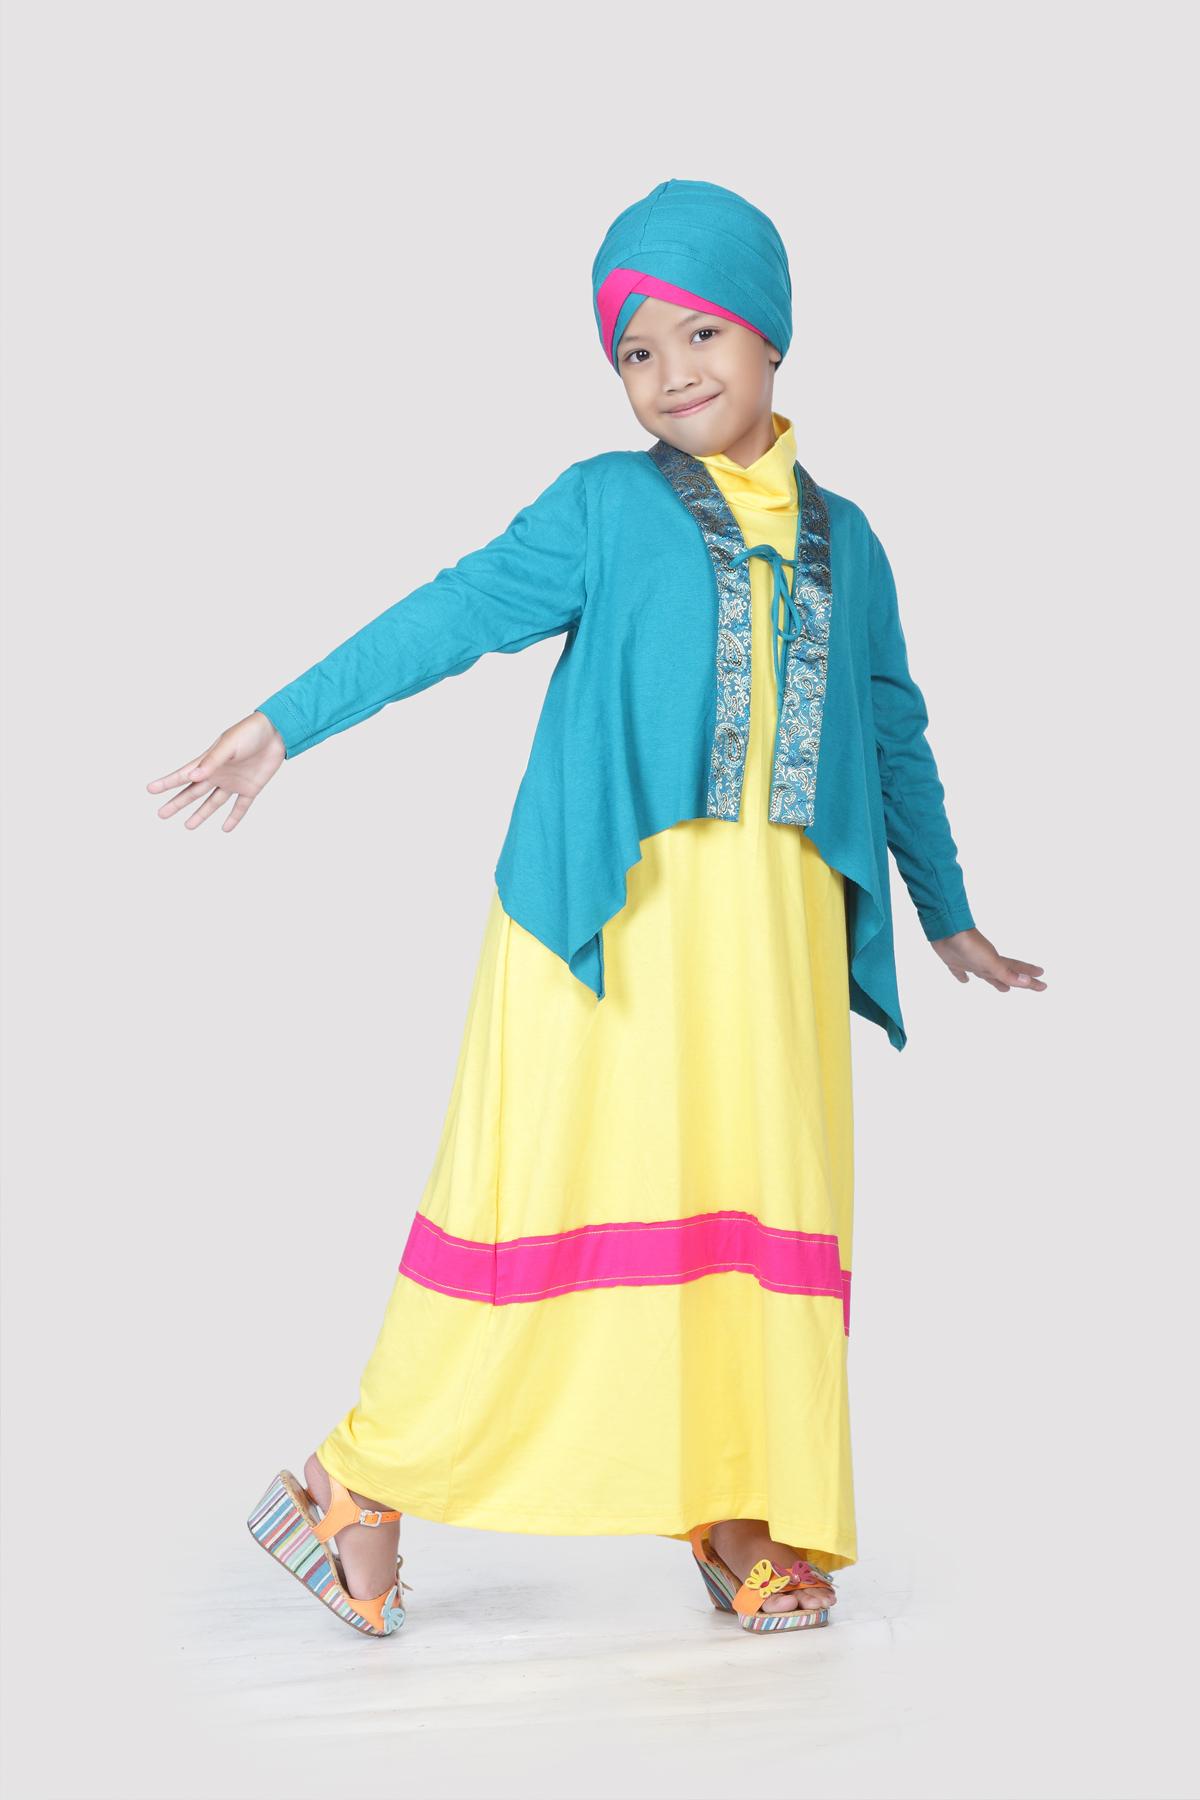 Vanya Kuning